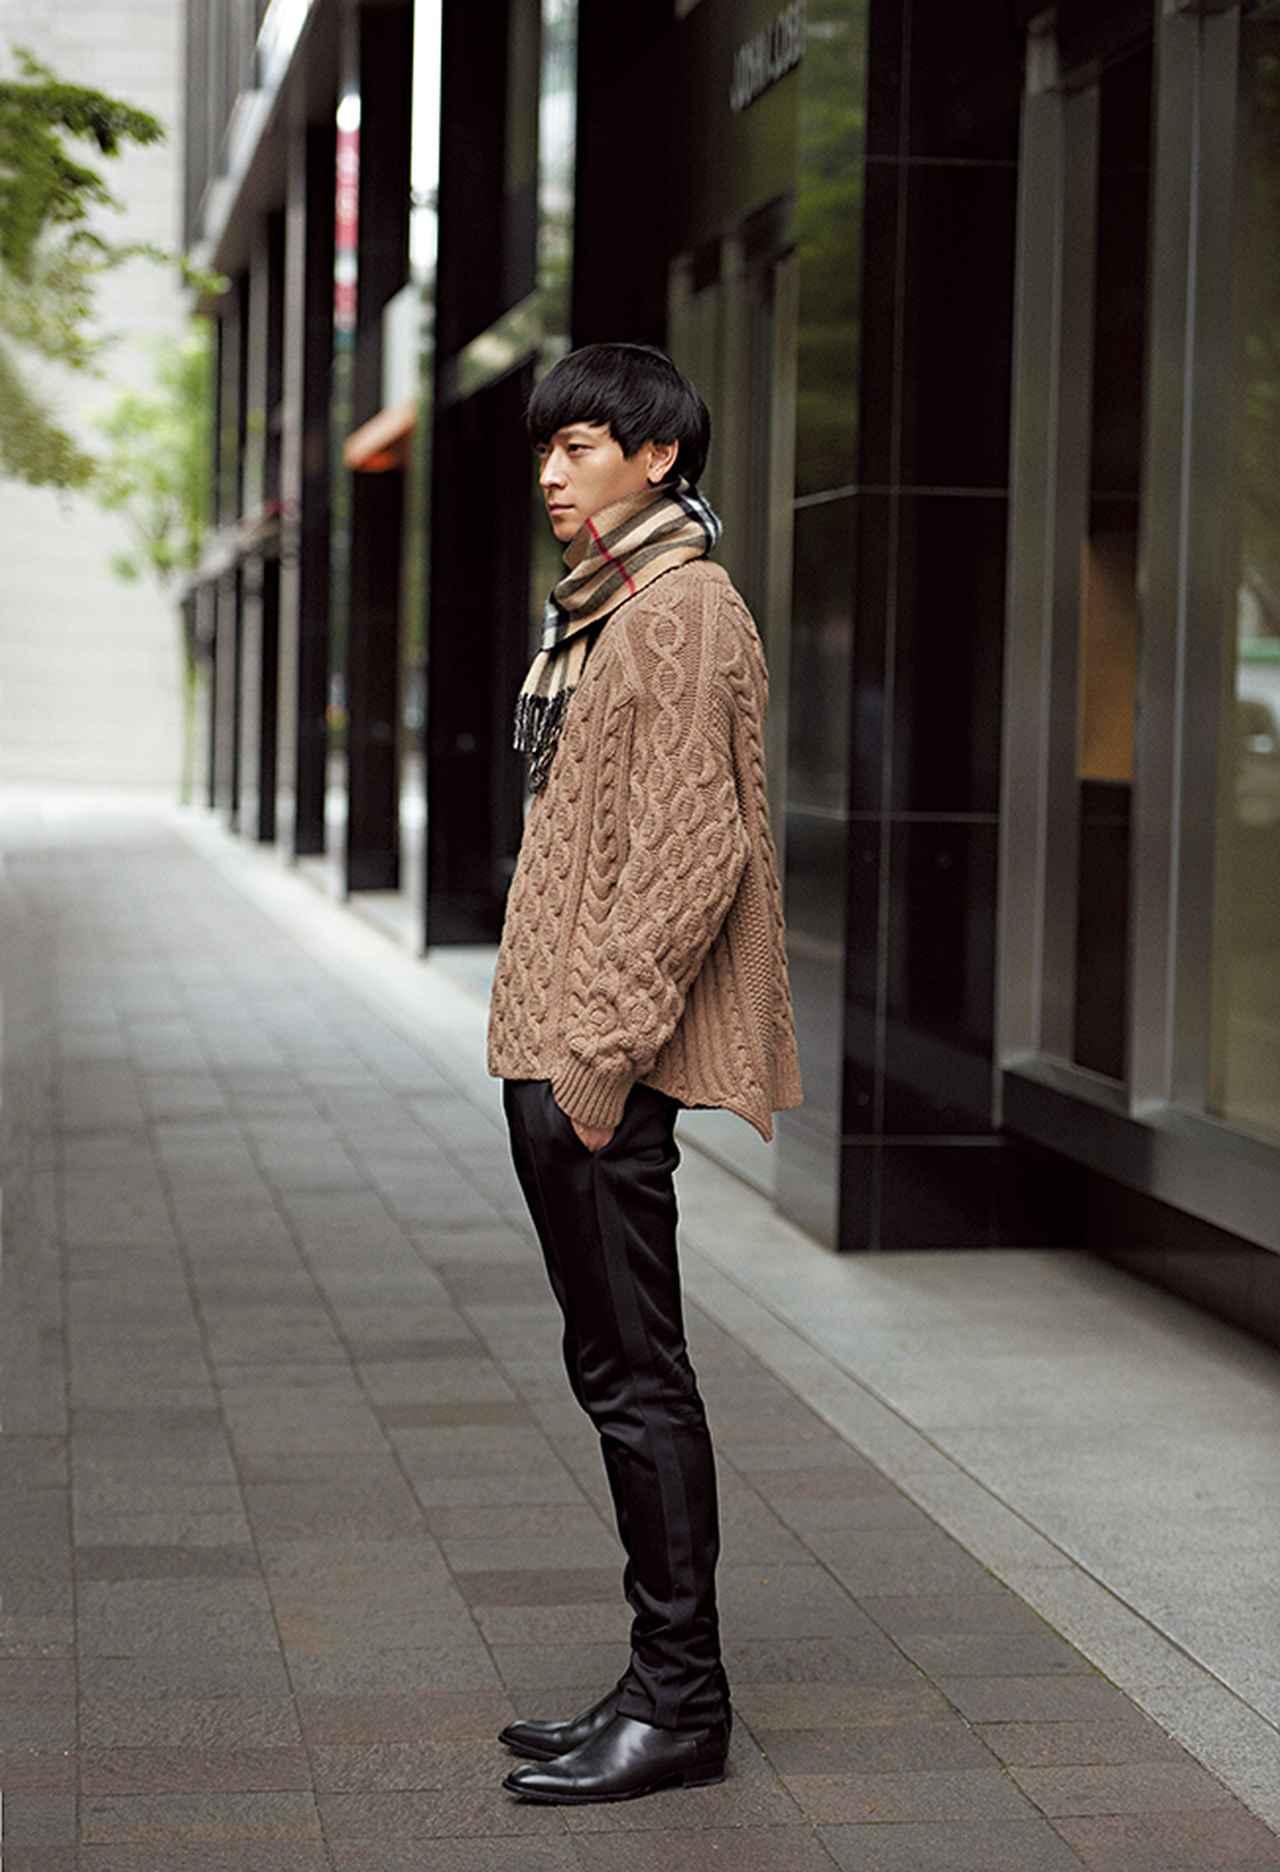 """Images : 4番目の画像 - 「俳優カン・ドンウォンが着こなす """"スタイル""""のある服」のアルバム - T JAPAN:The New York Times Style Magazine 公式サイト"""